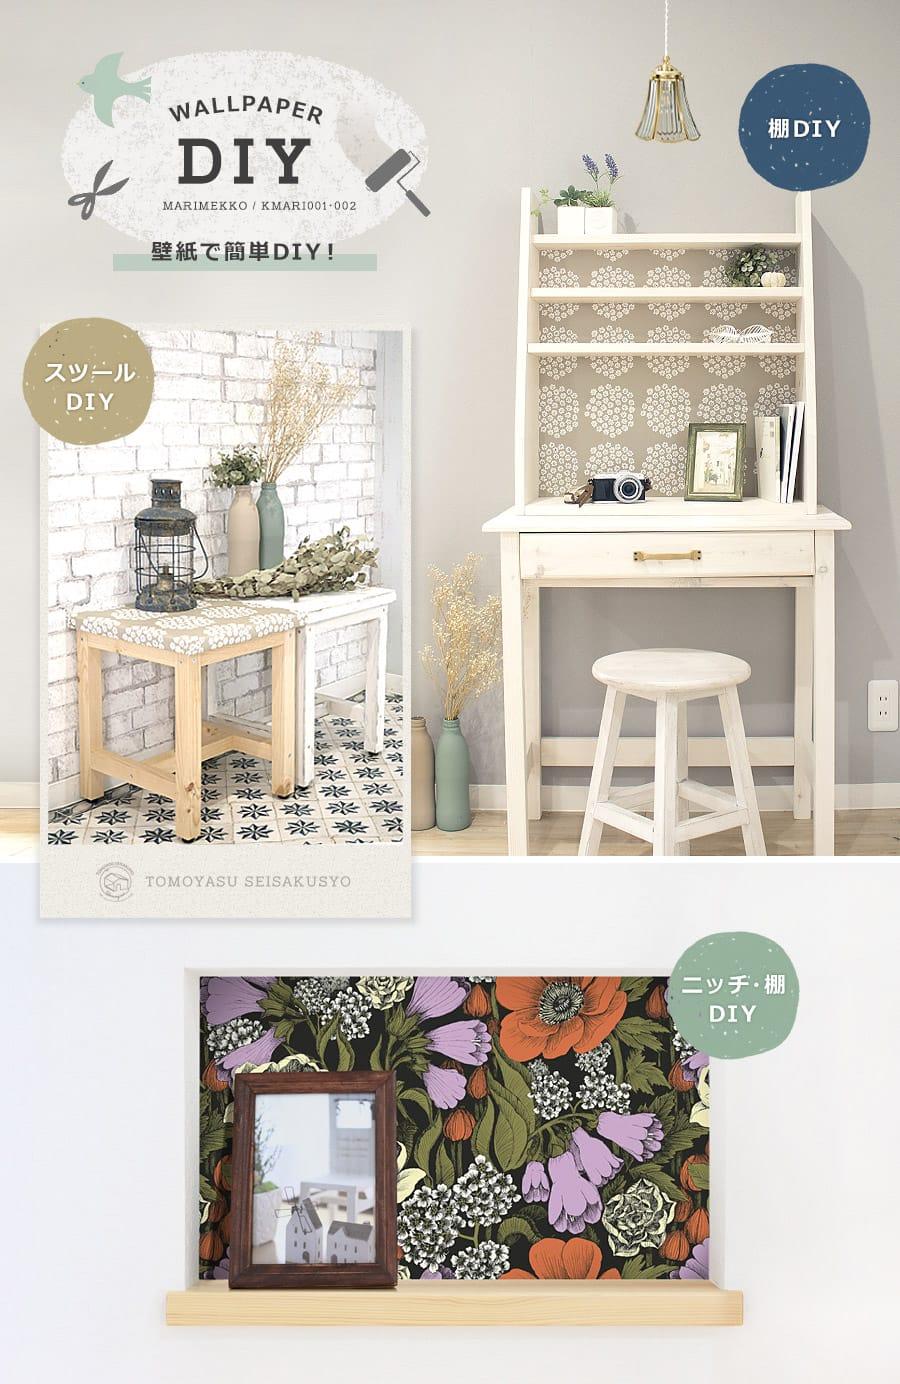 輸入壁紙 Marimekko マリメッコの壁紙 クロスの販売ページ 壁紙